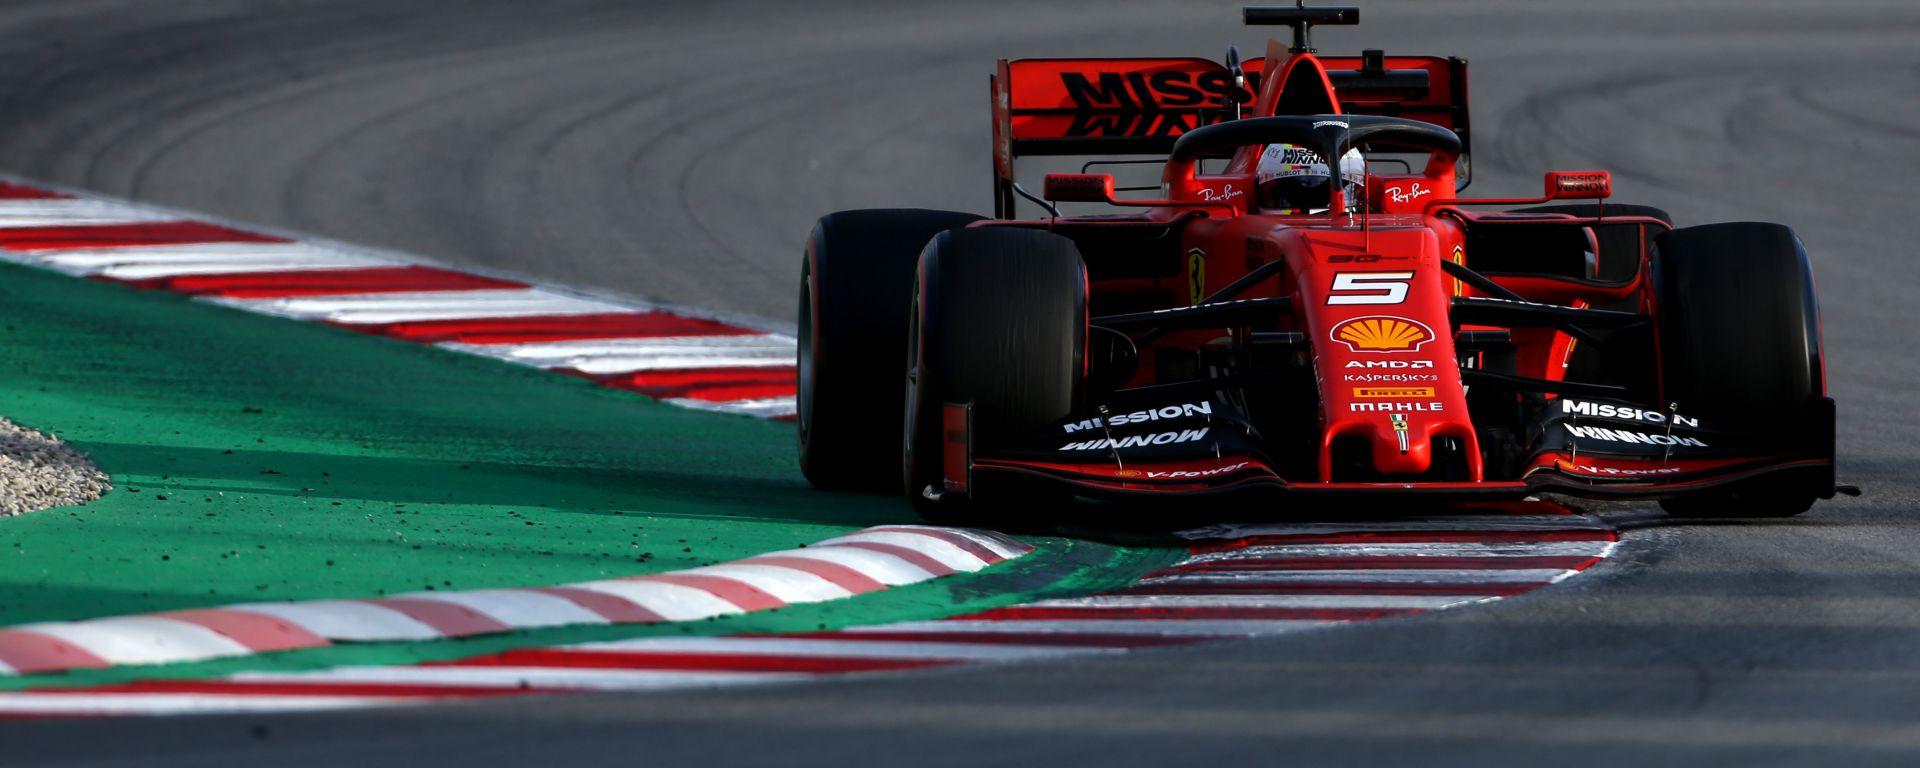 Sebastian Vettel alla guida della SF90 durante i test F1 Barcellona